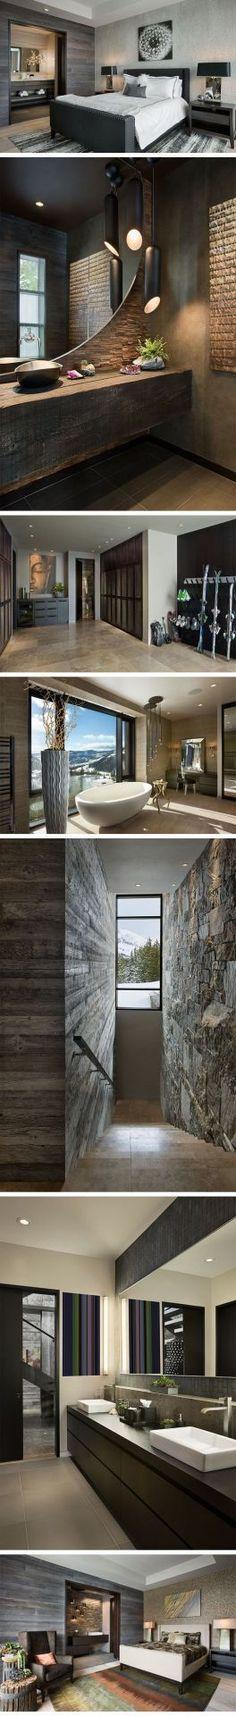 Modern Home Designs — Modern Home Designs #modernhome #modernhomedesign